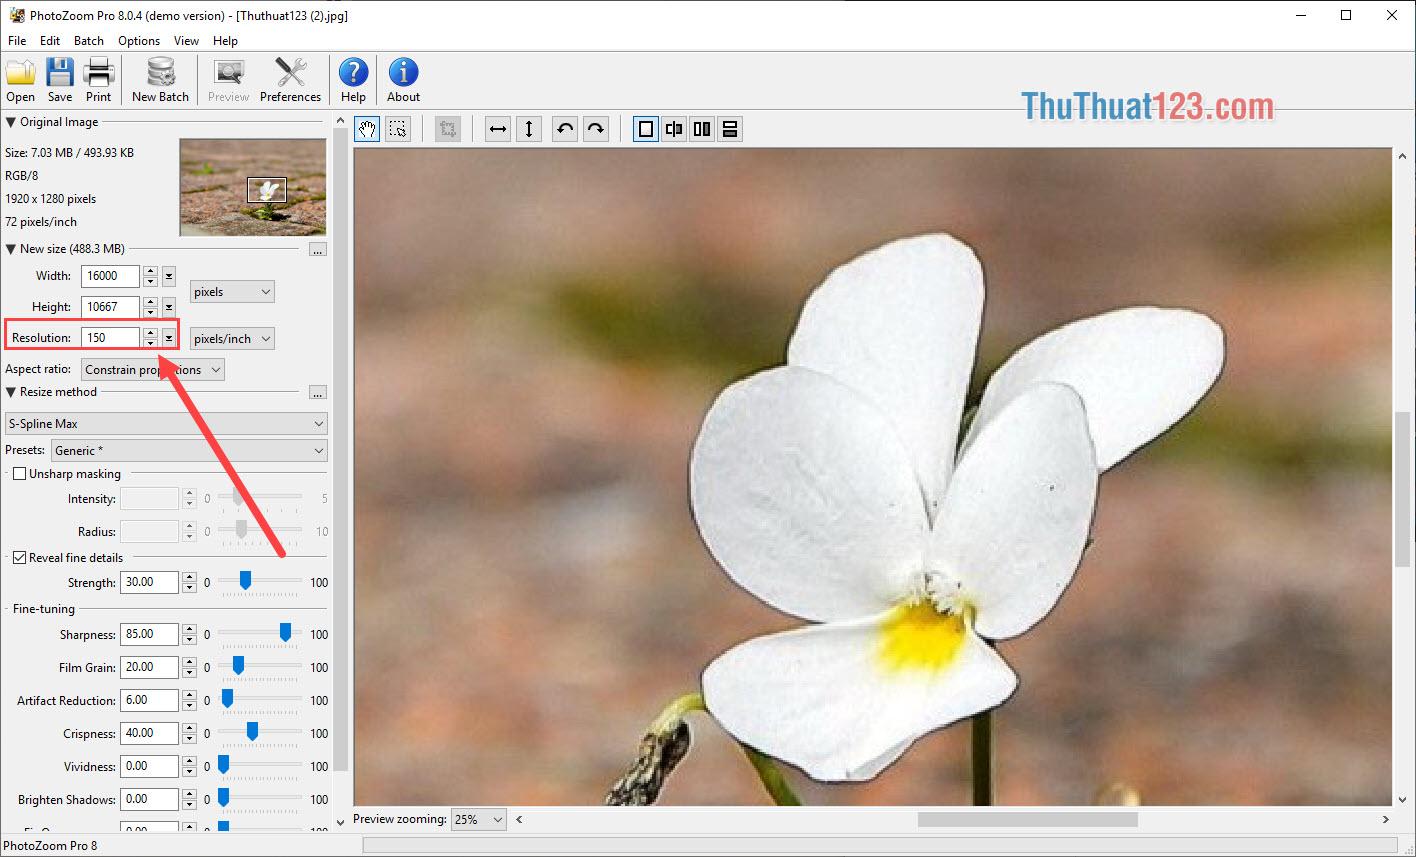 Điều chỉnh Resolution sao cho tỷ lệ thuận với kích thước hình ảnh nhân lên